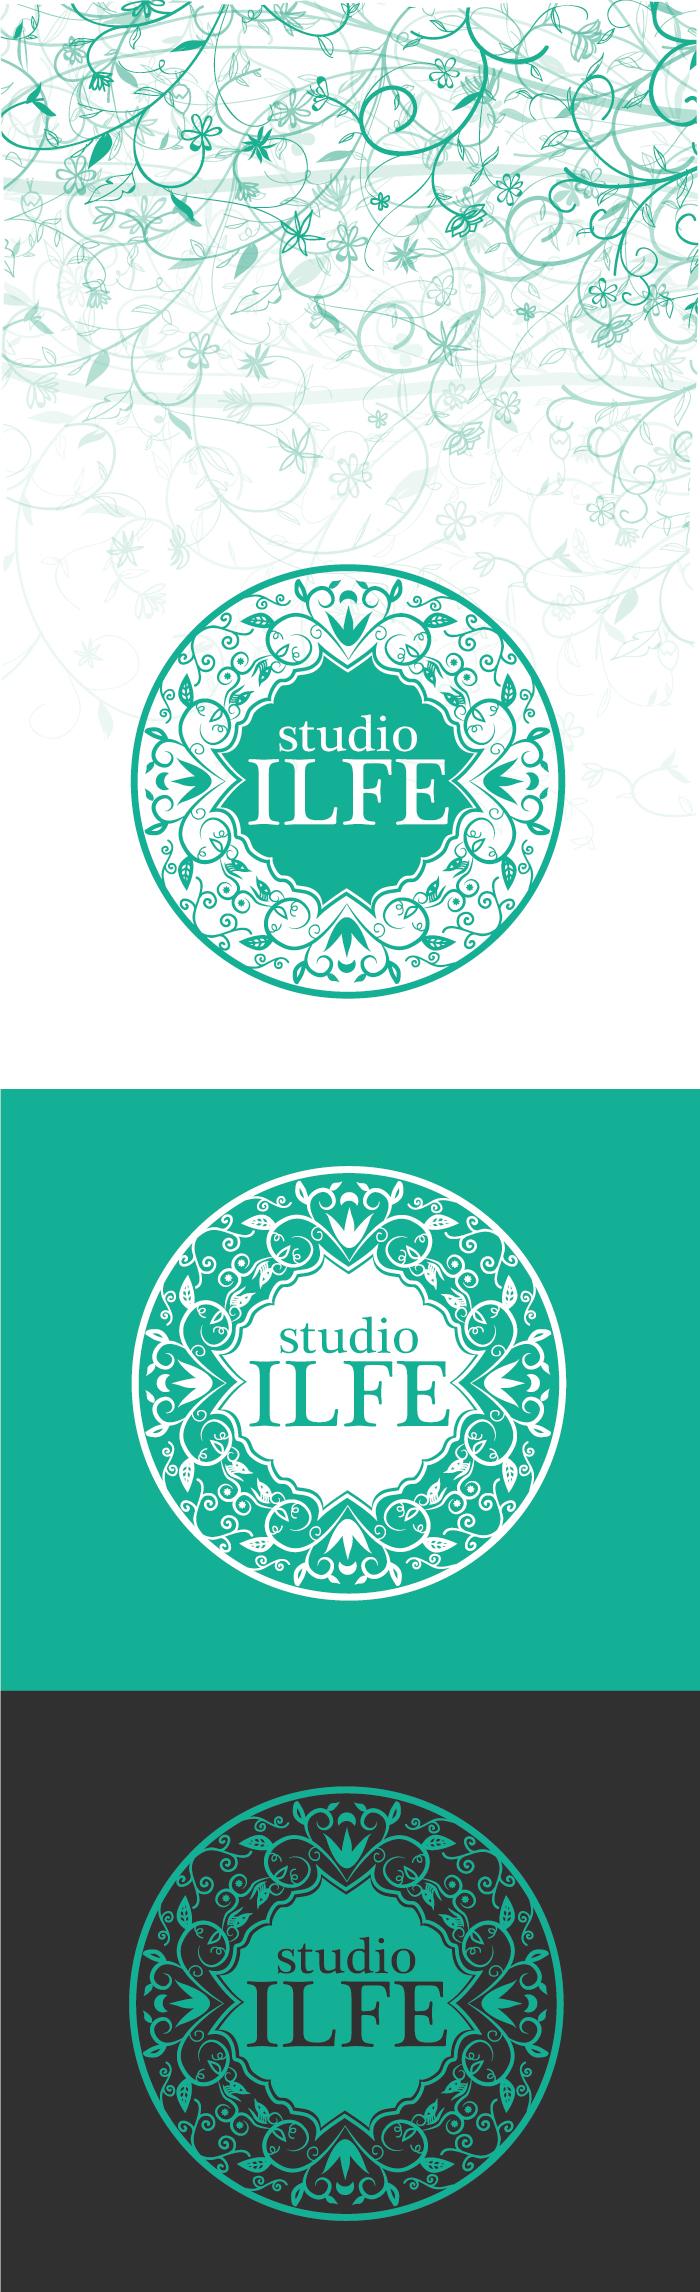 studio, ginecologia, ILFE, diana petrarca, graphic design, logo, grafica, verde acqua, fiori, donna, ragazza, madre